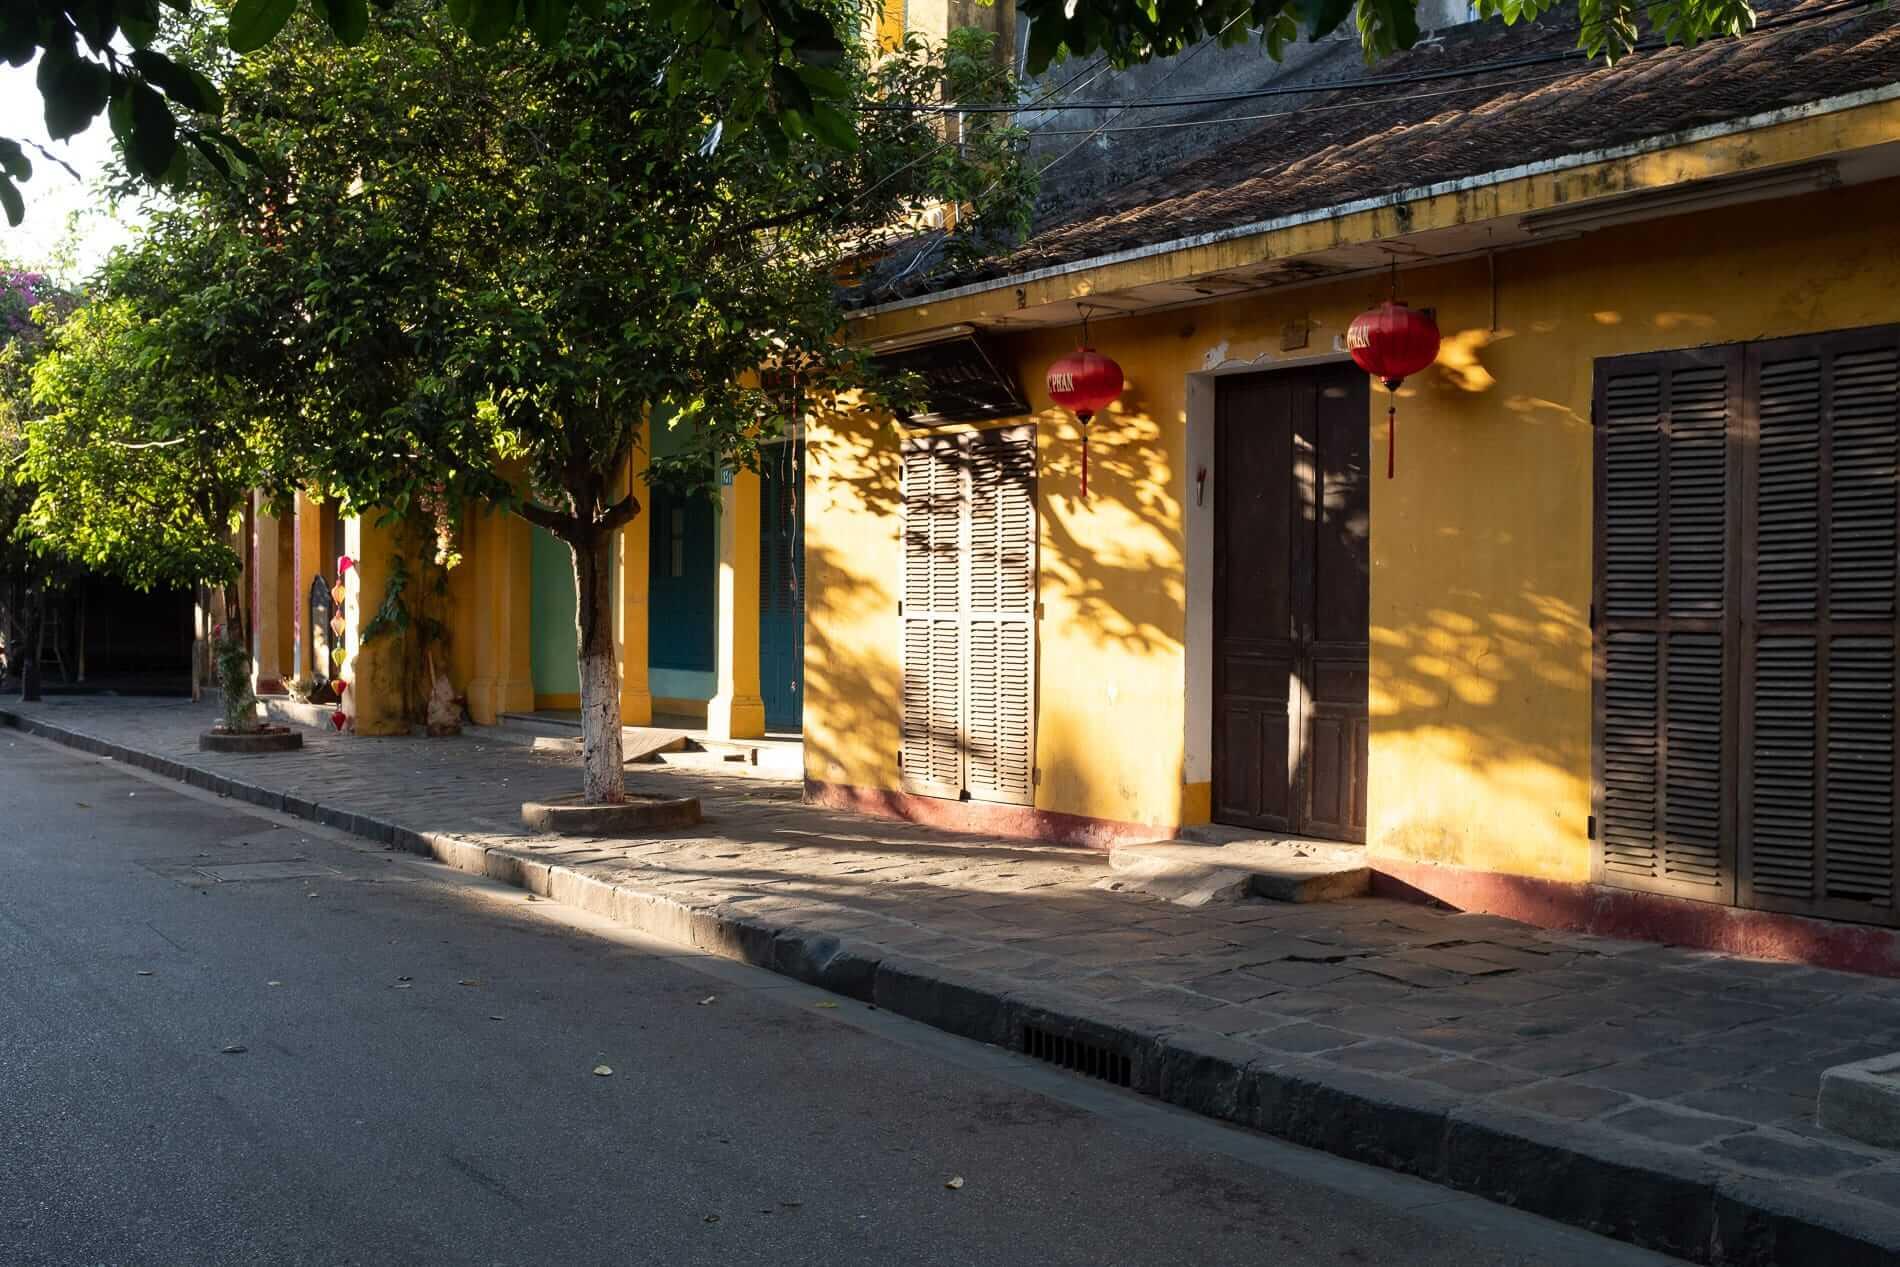 Beautiful morning light - Hoi An Ancient Town